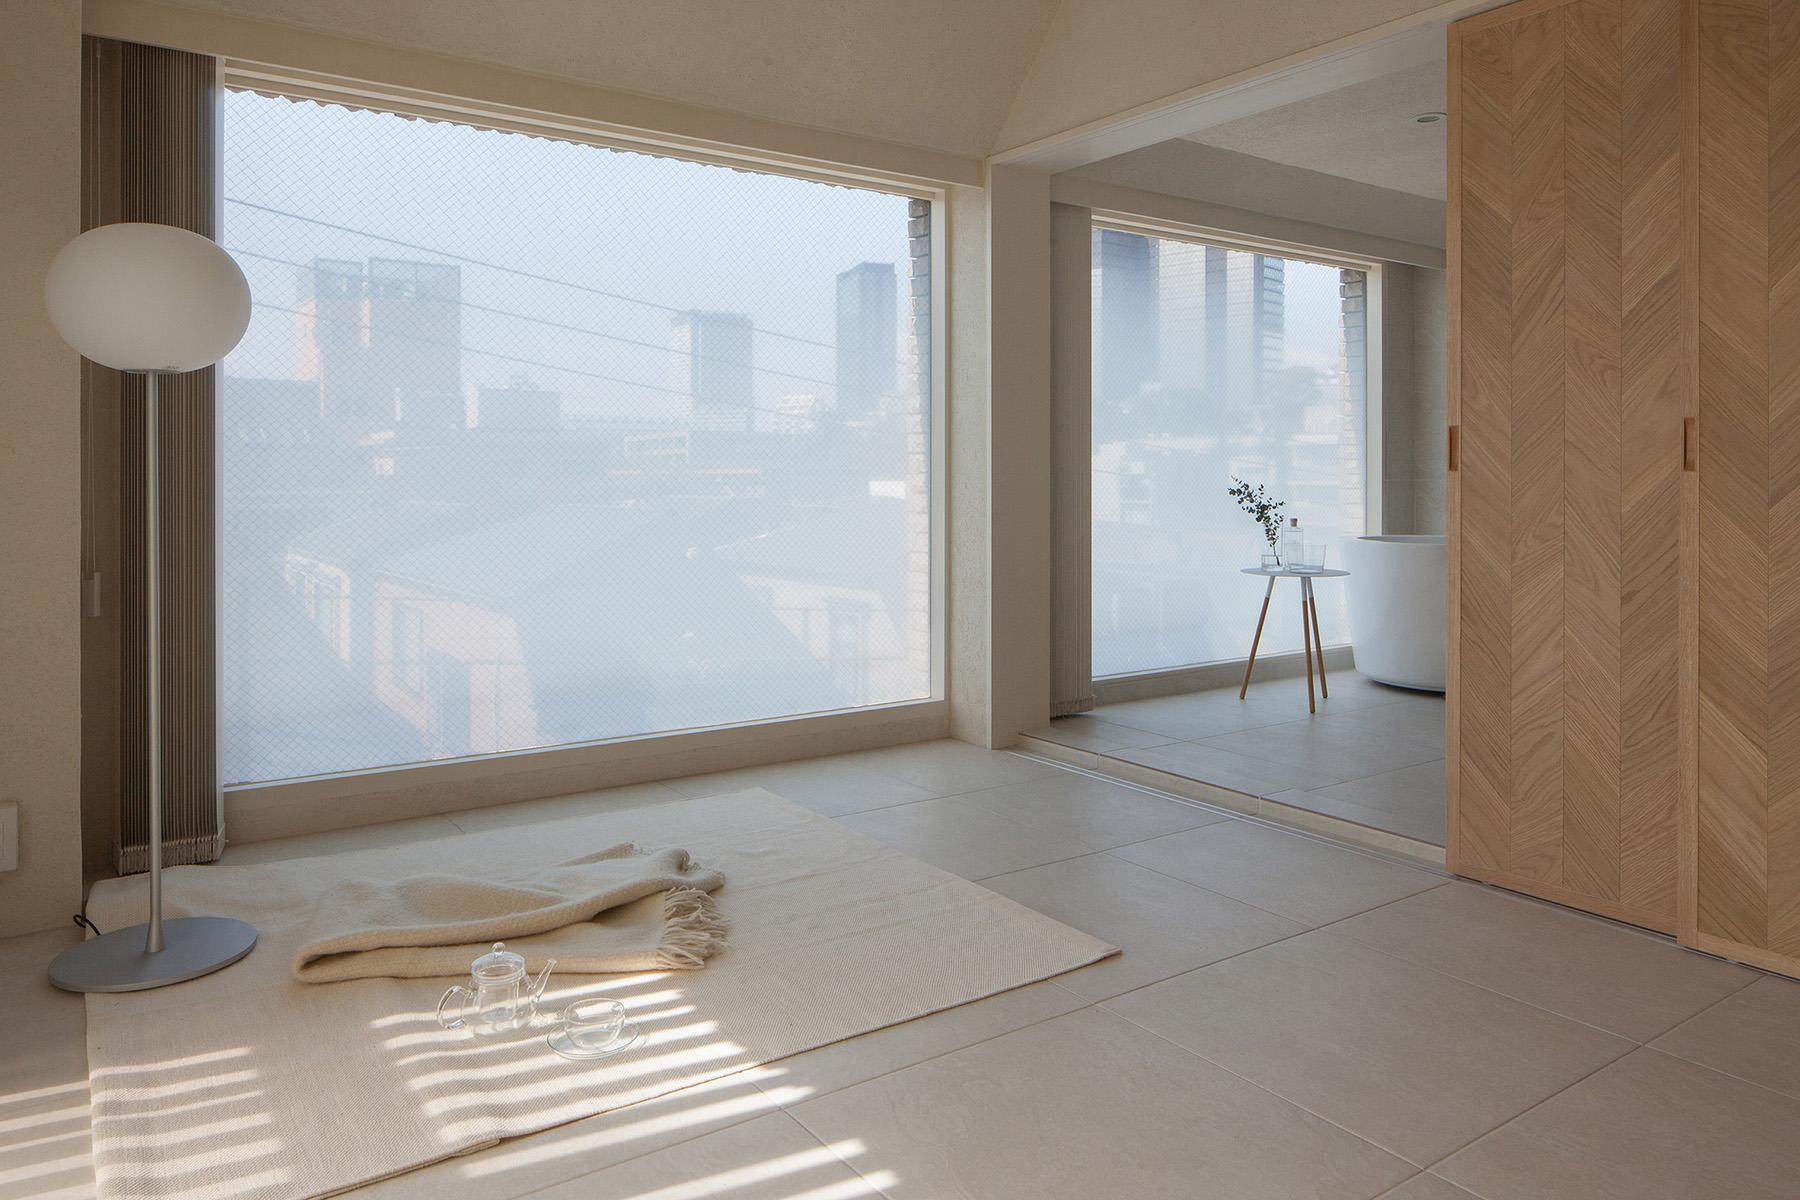 iGNANT-Architecture-Hiroyuki-Ogawa-Shibuya-Apartment-16